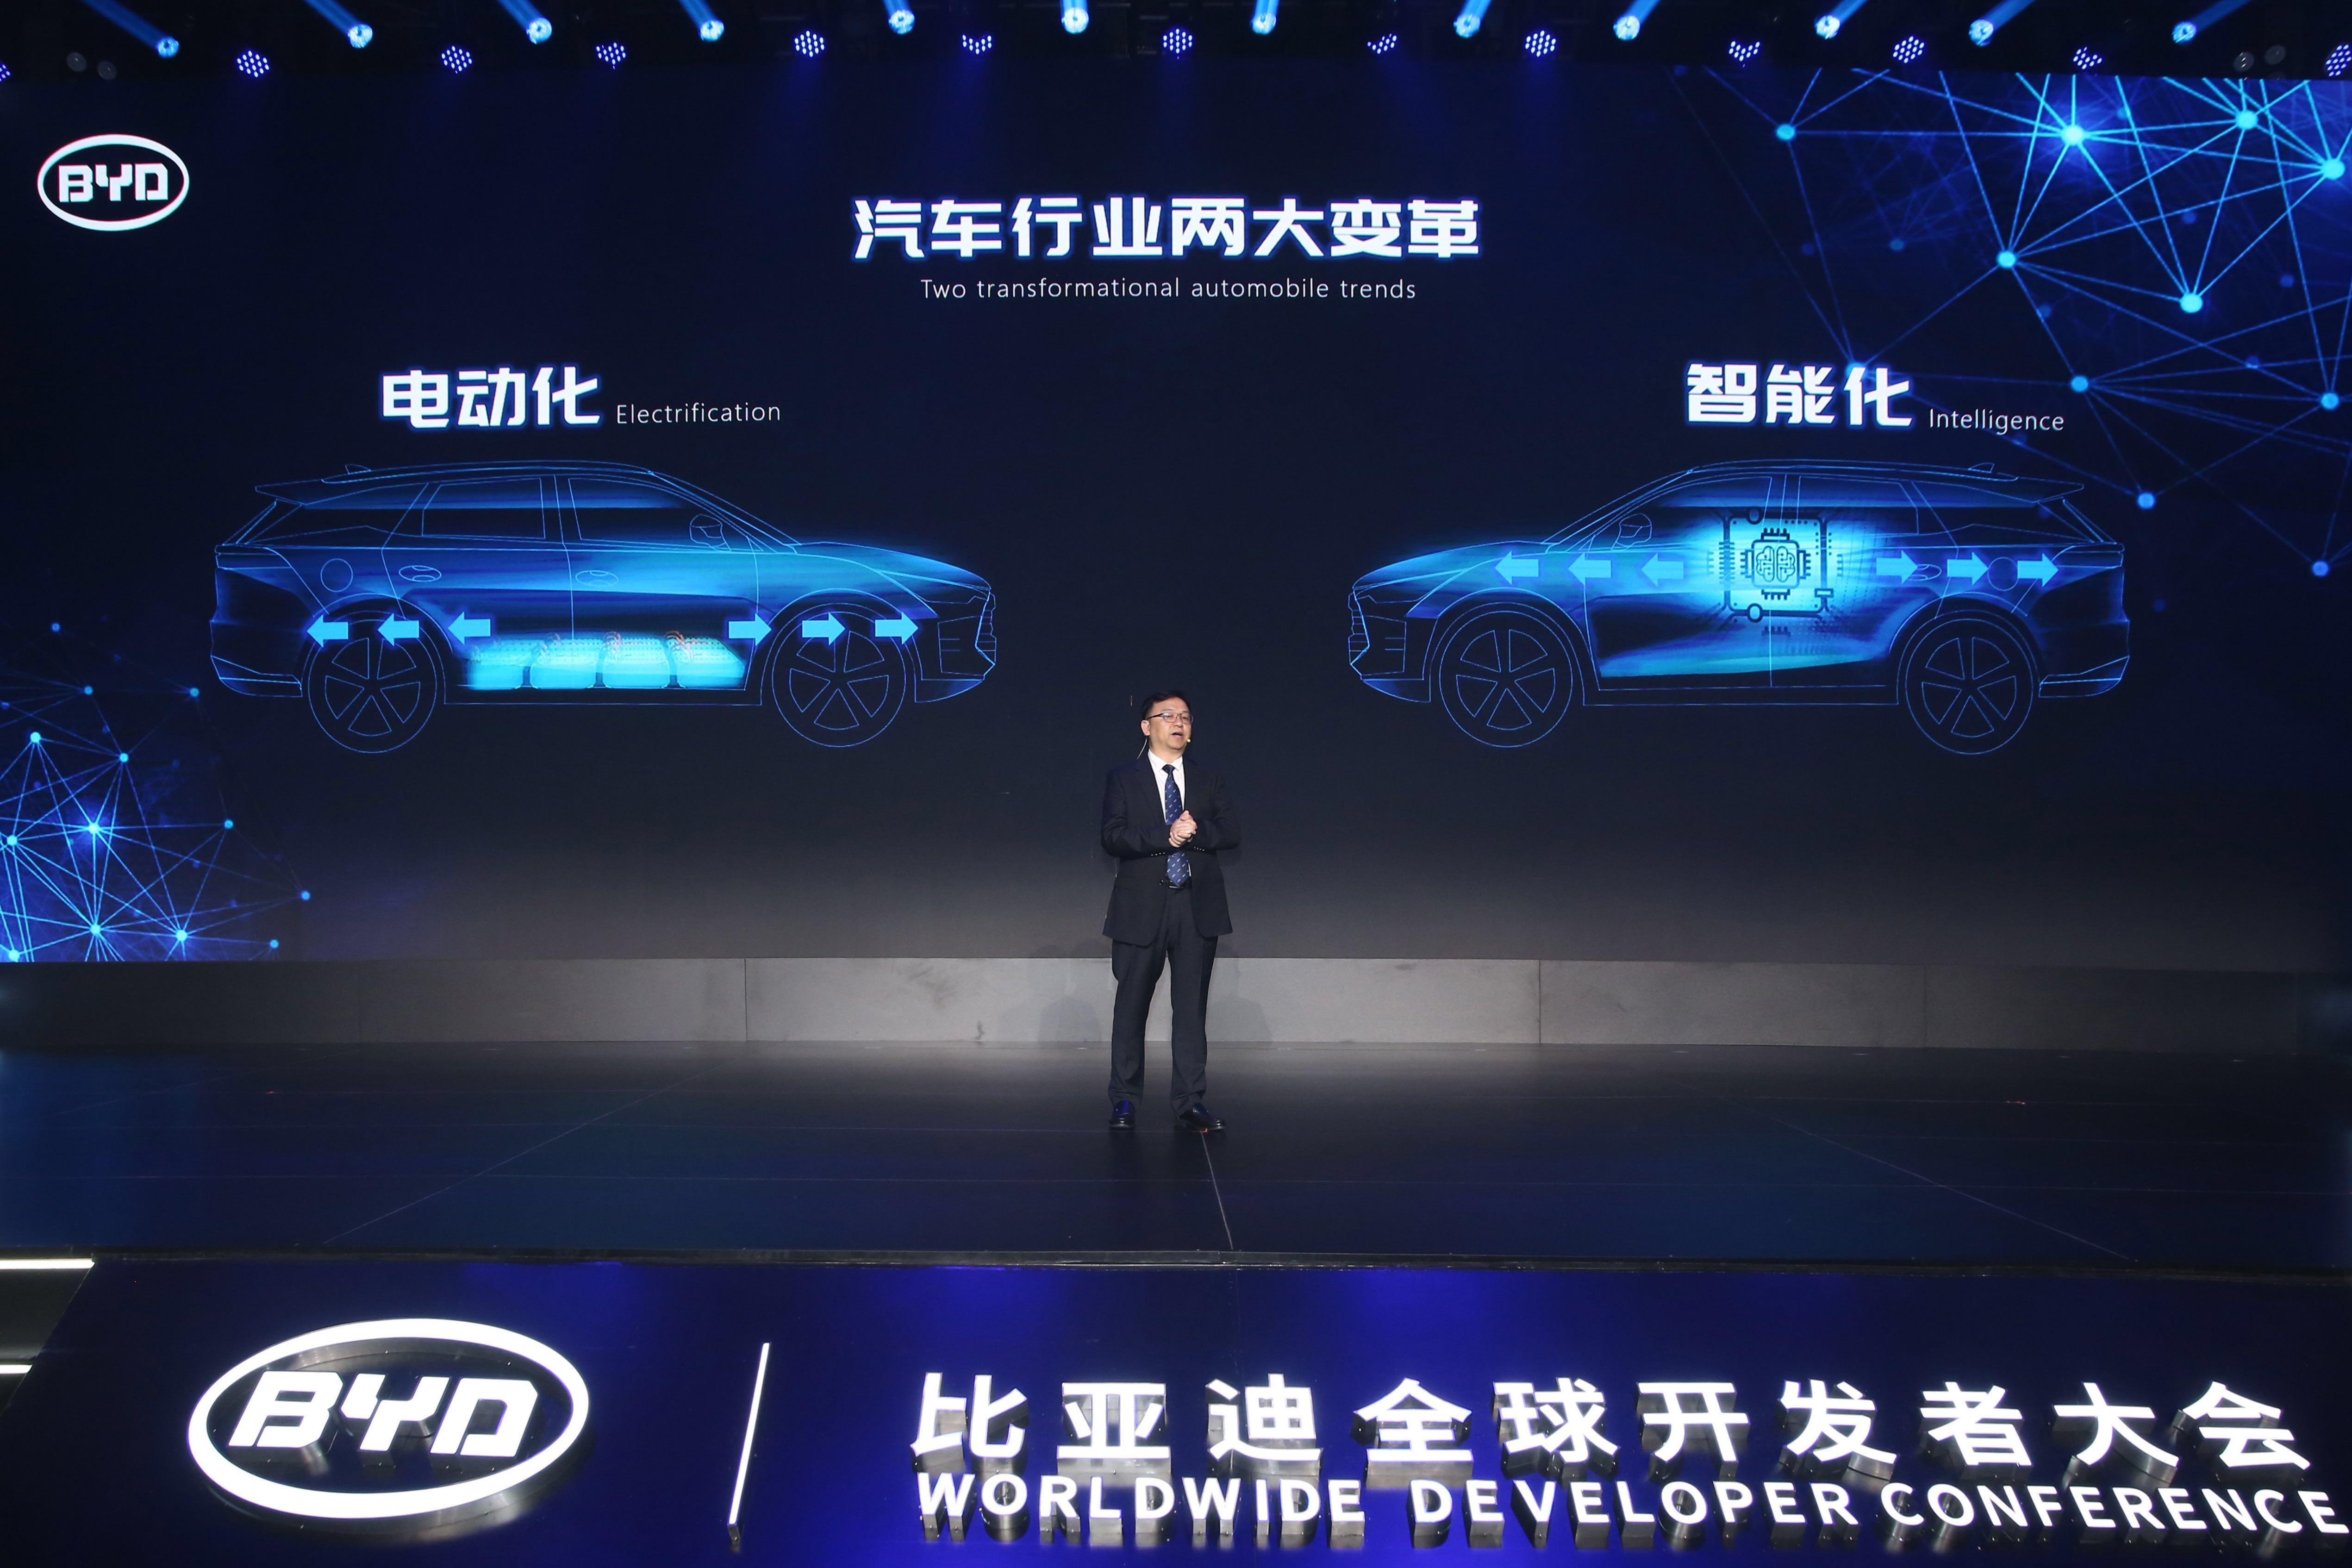 王传福:比亚迪将开放汽车所有传感器和控制权  汽车产经